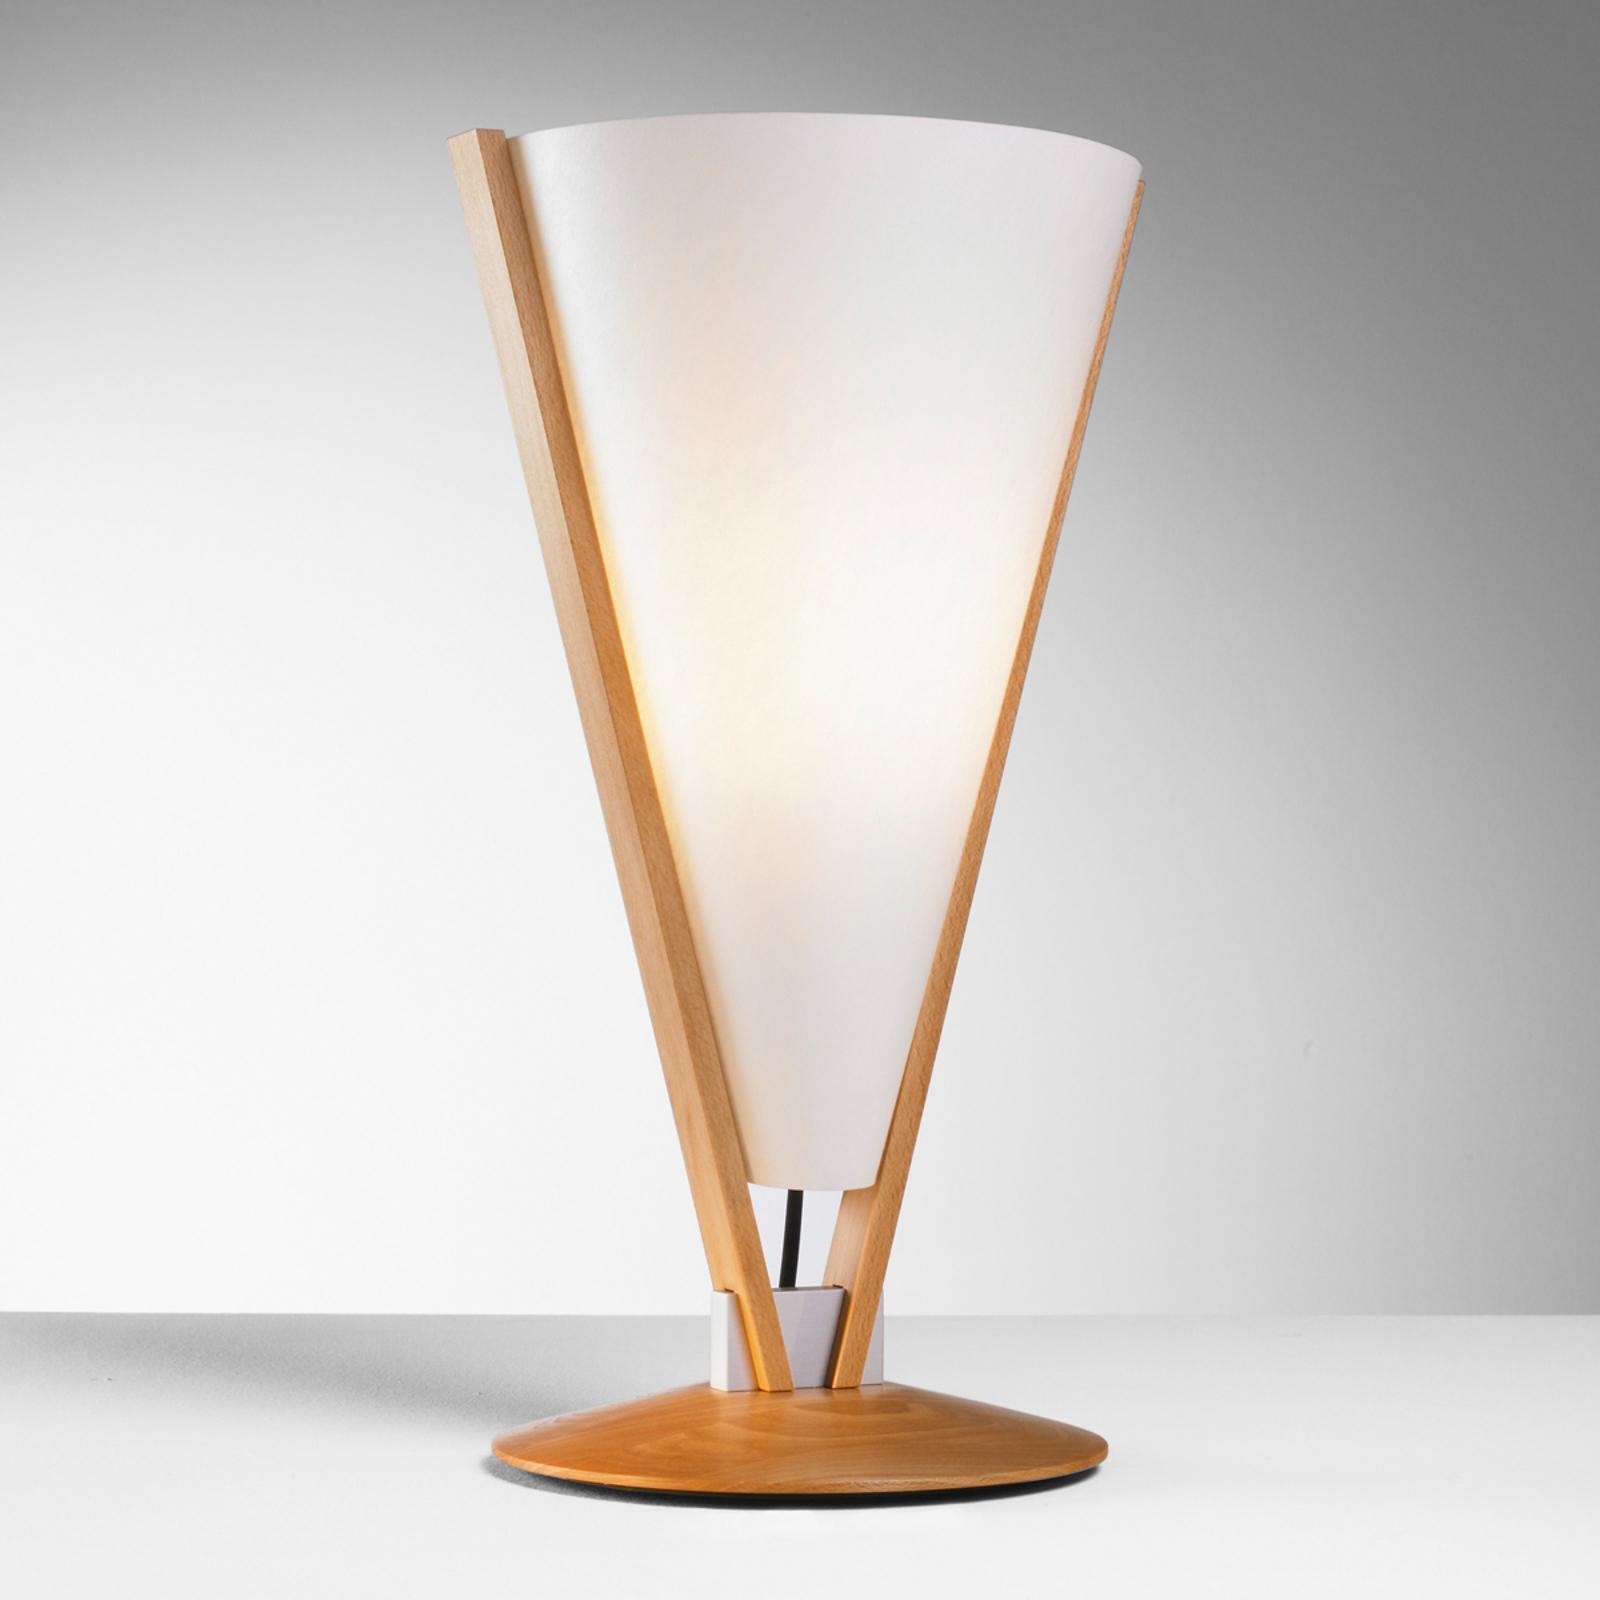 SEBA stolná lampa s ručným vypínačom_2600106_1